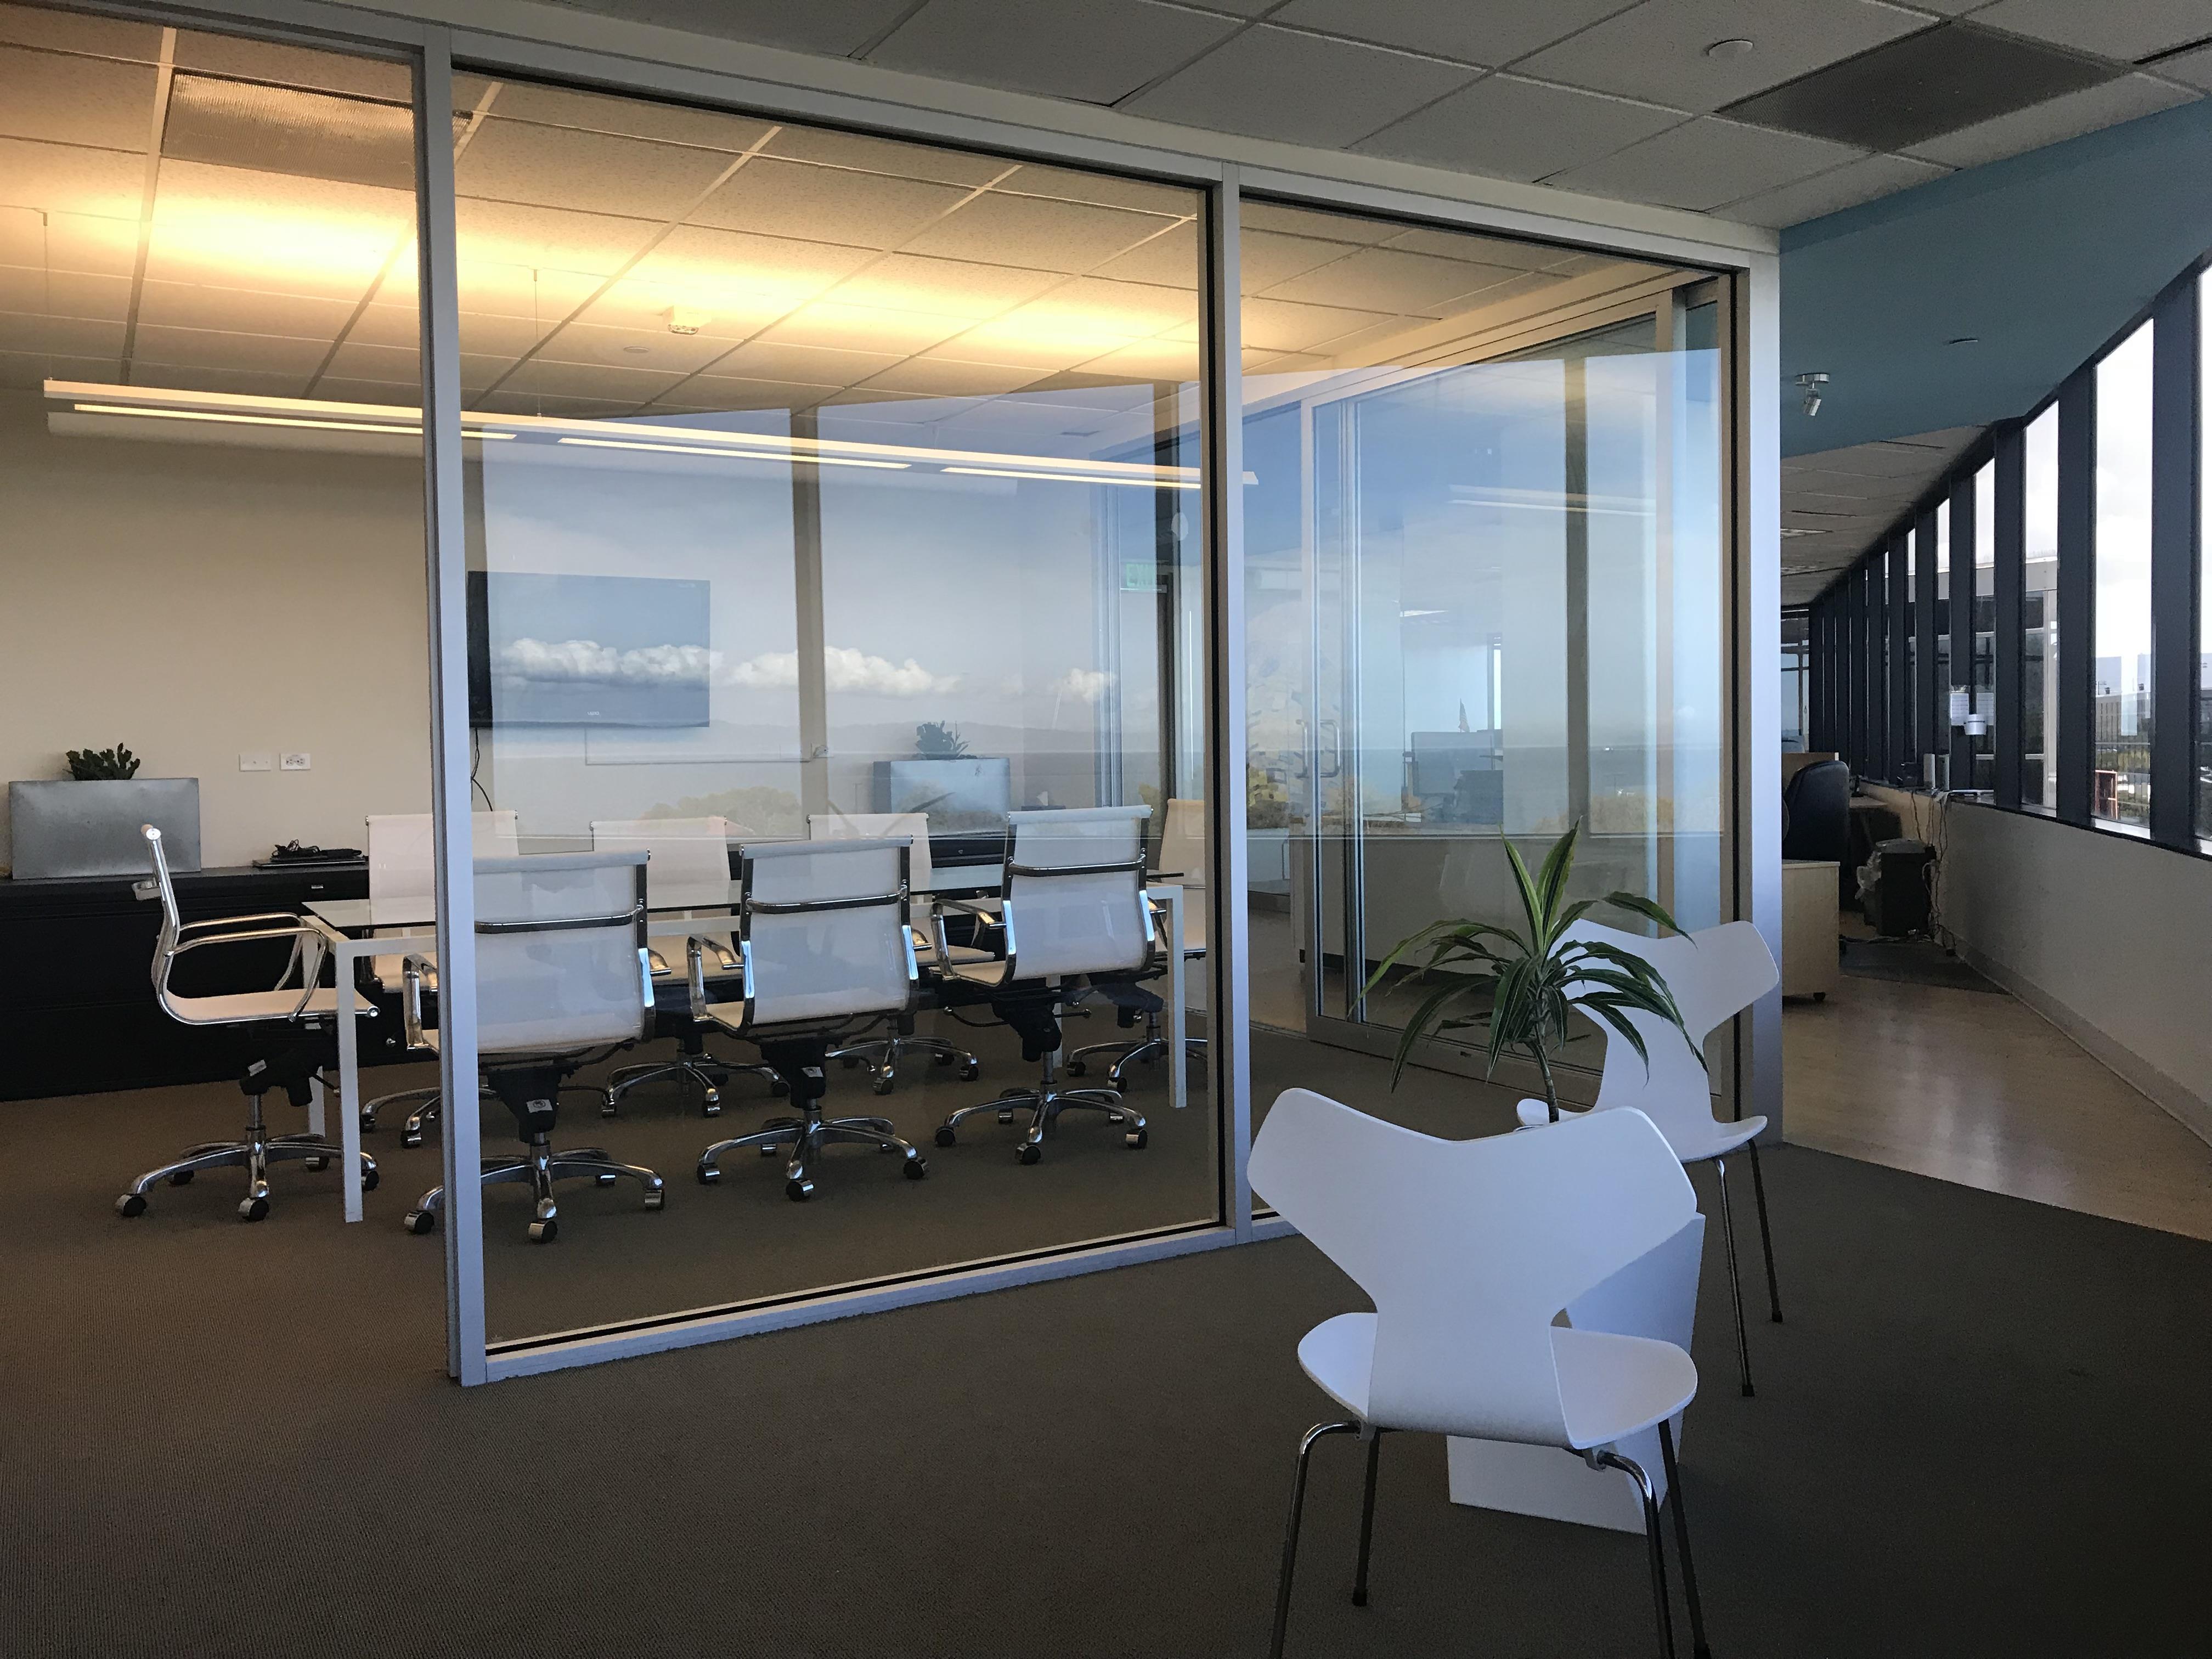 TUTORWORKS - Open office space